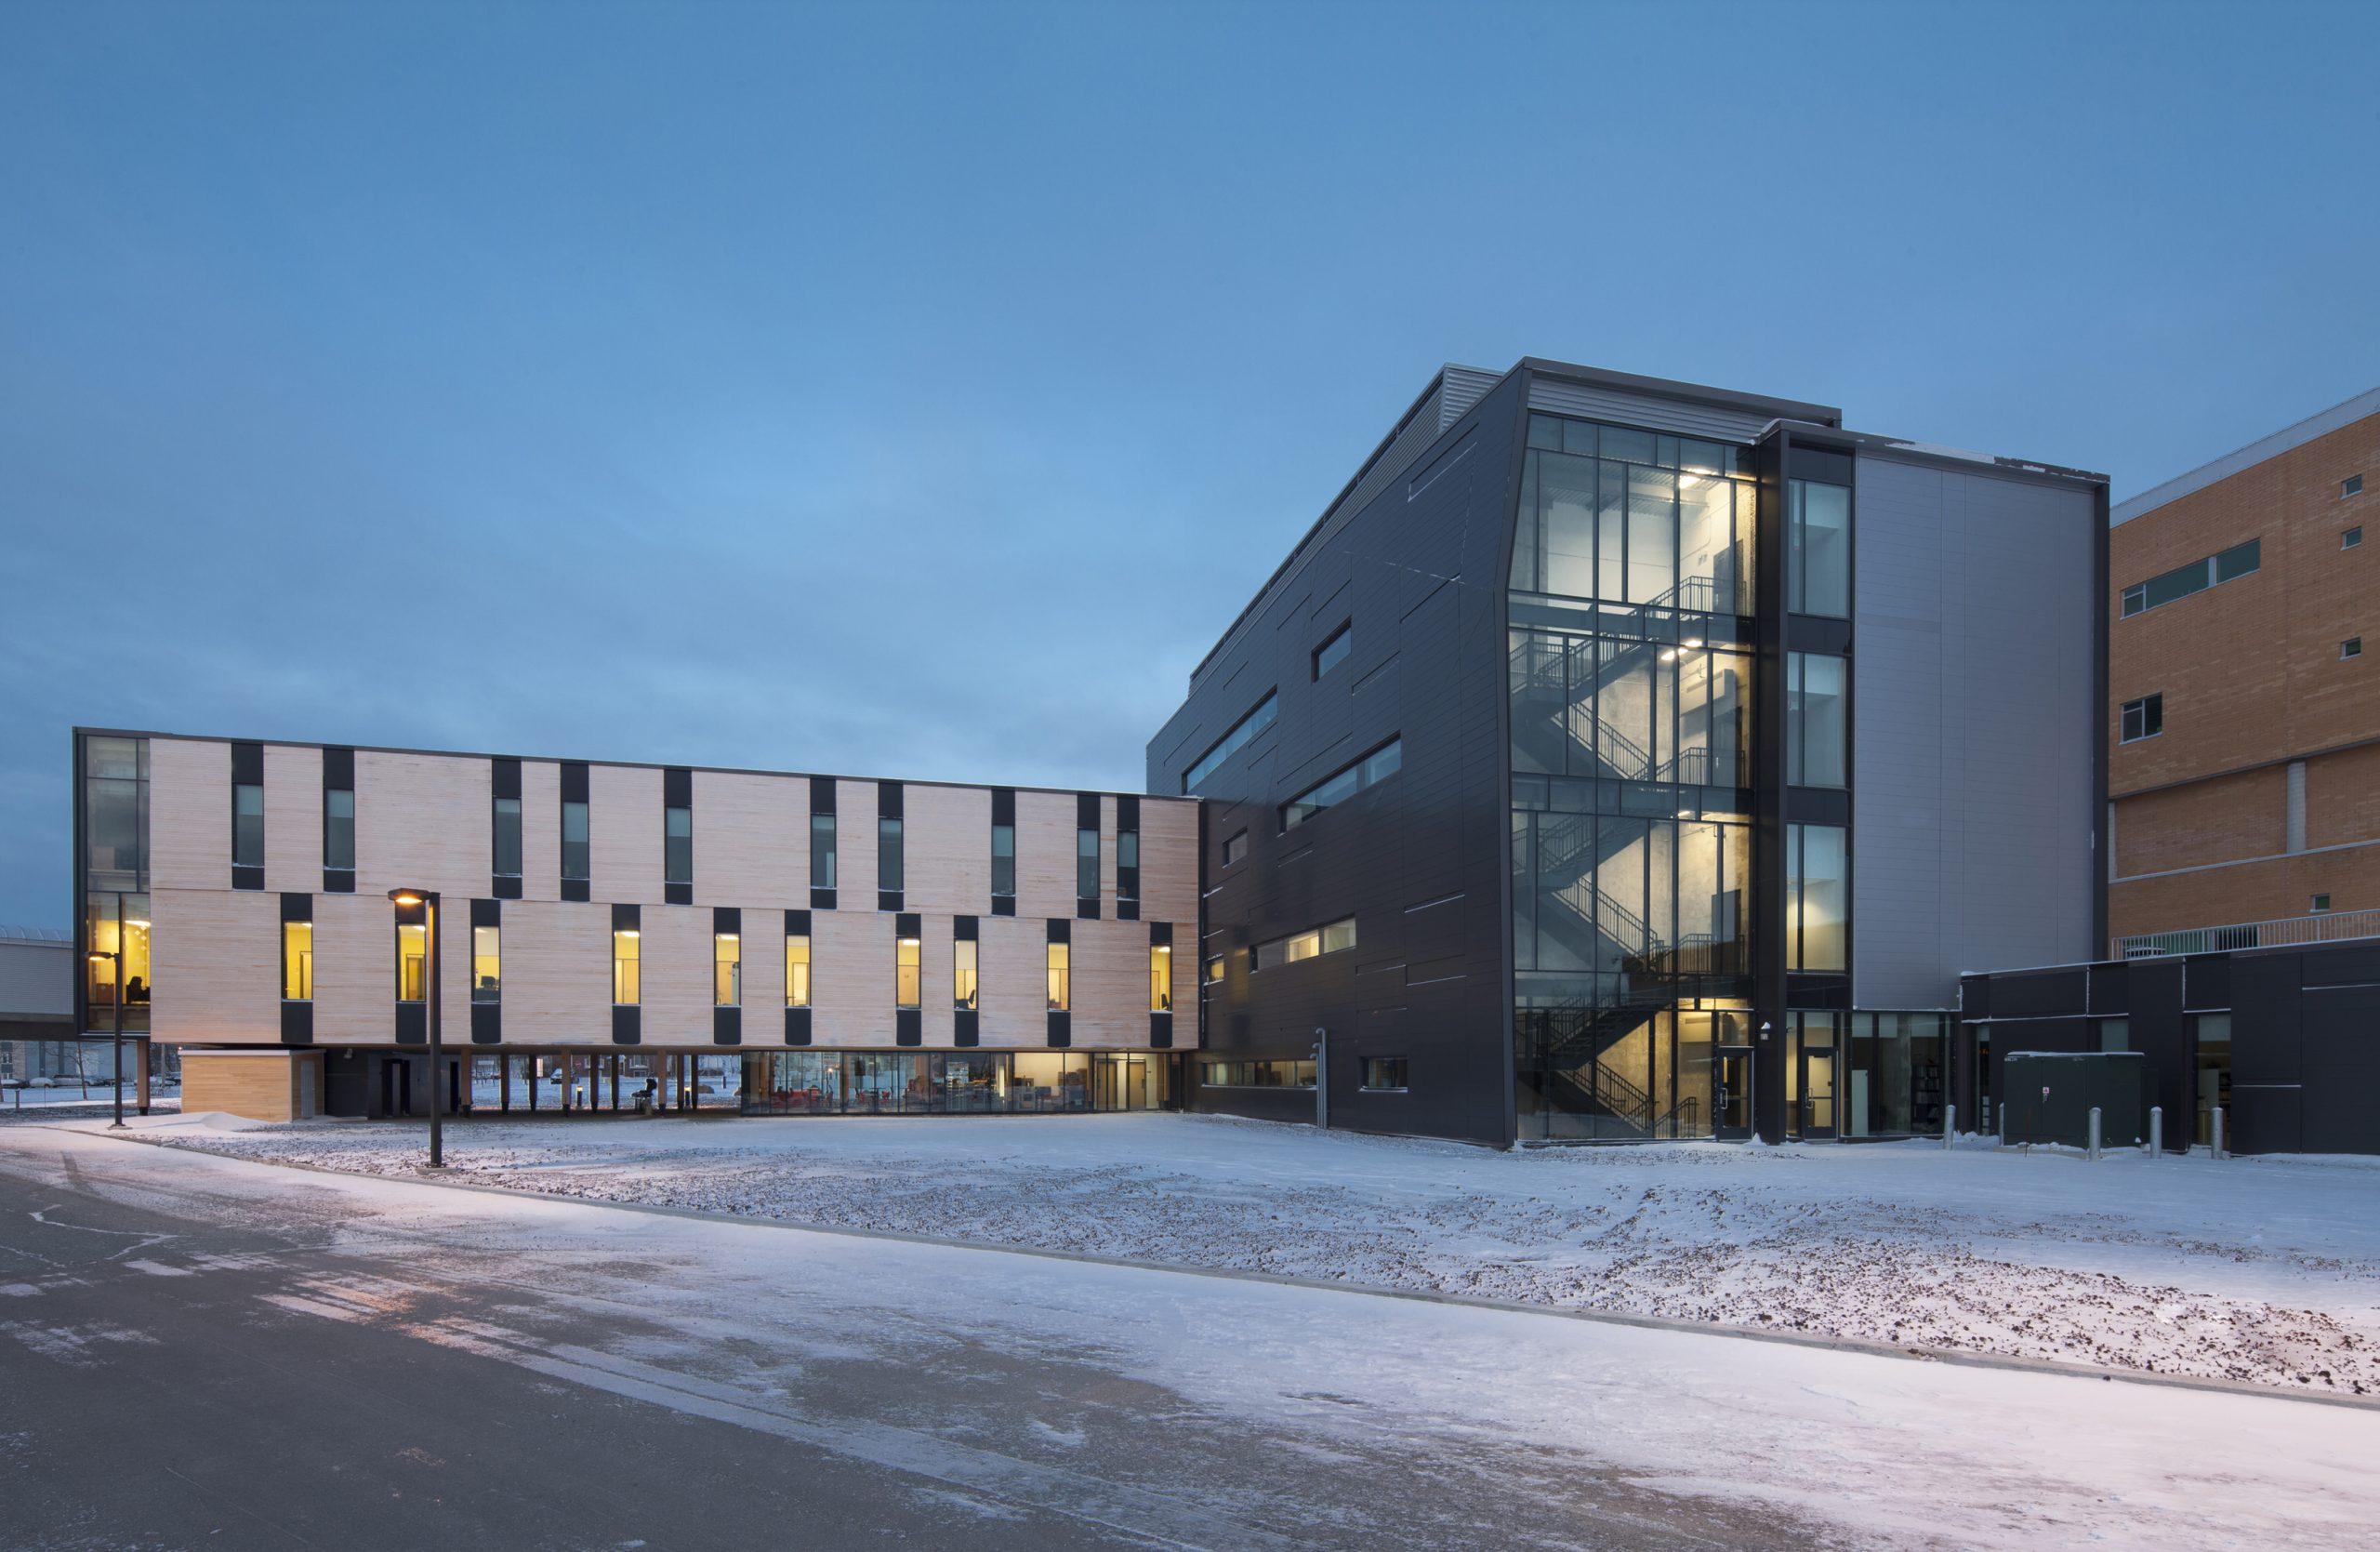 Agrandissement du campus de Rouyn-Noranda de l'UQAT Cecobois 8